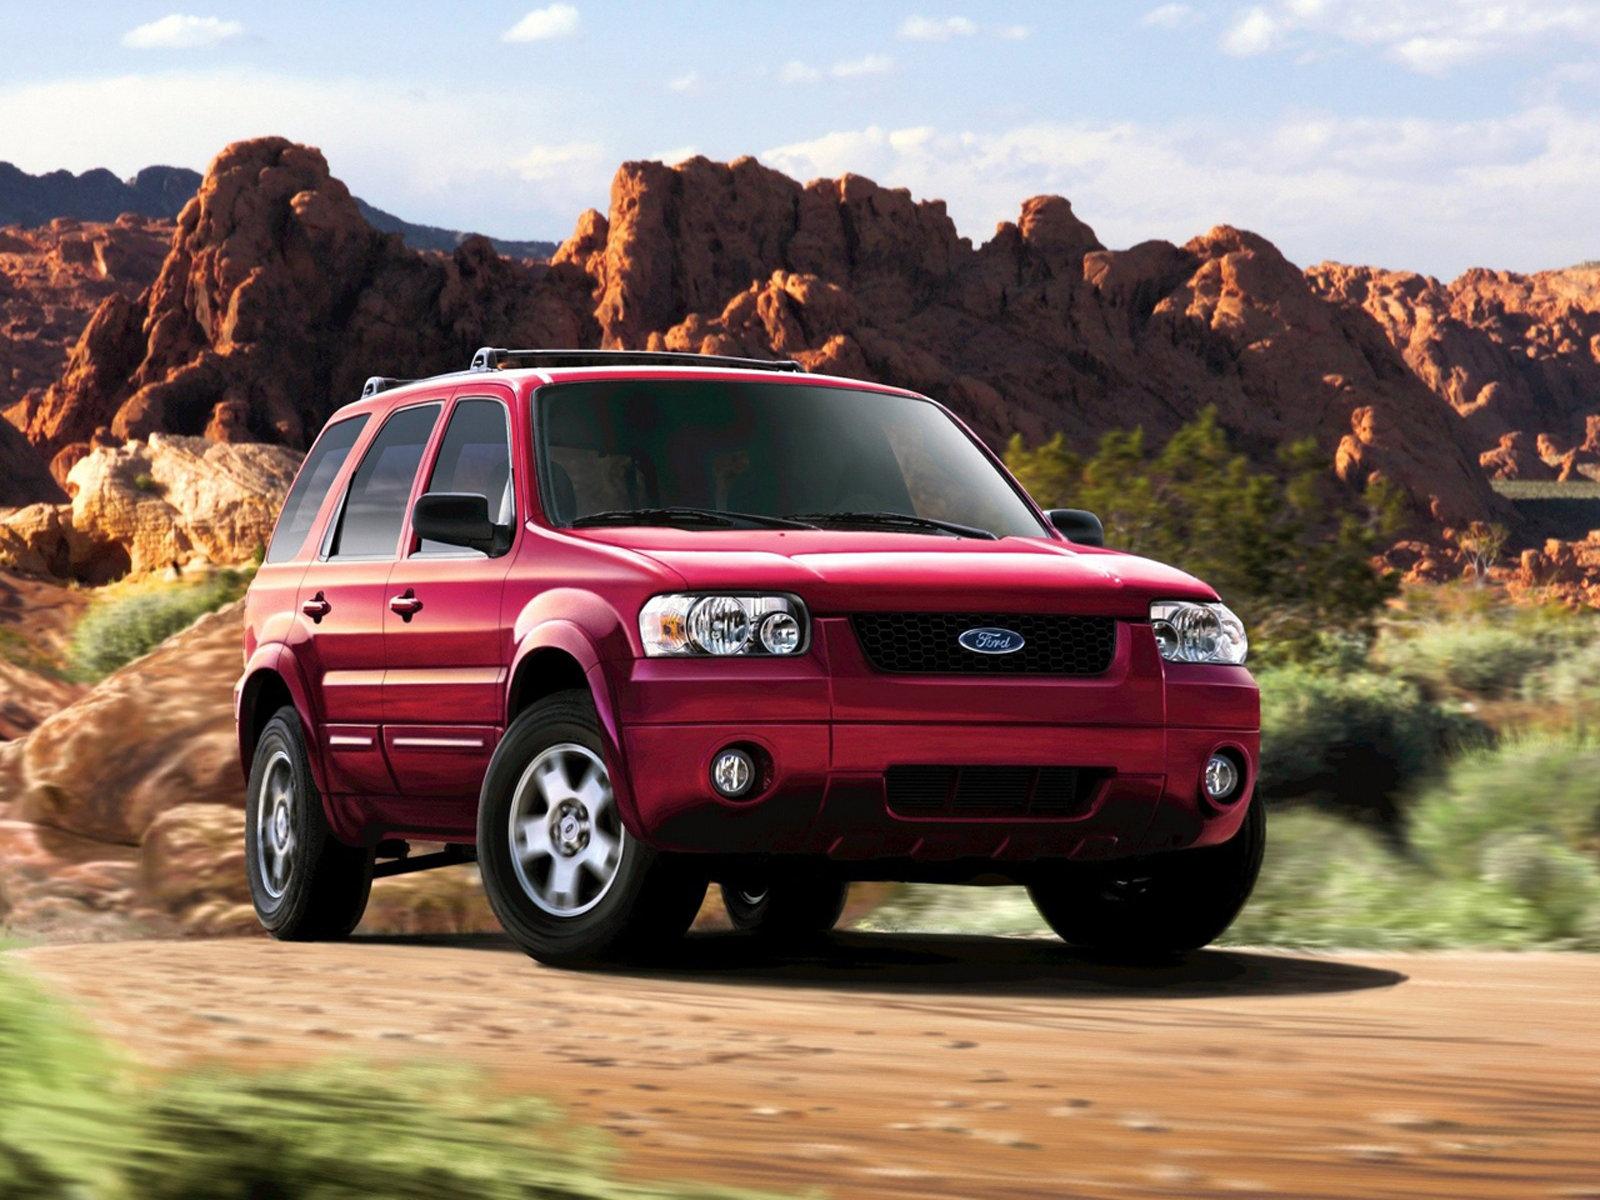 Кроссоверы Форд: надежность и непрерывное развитие